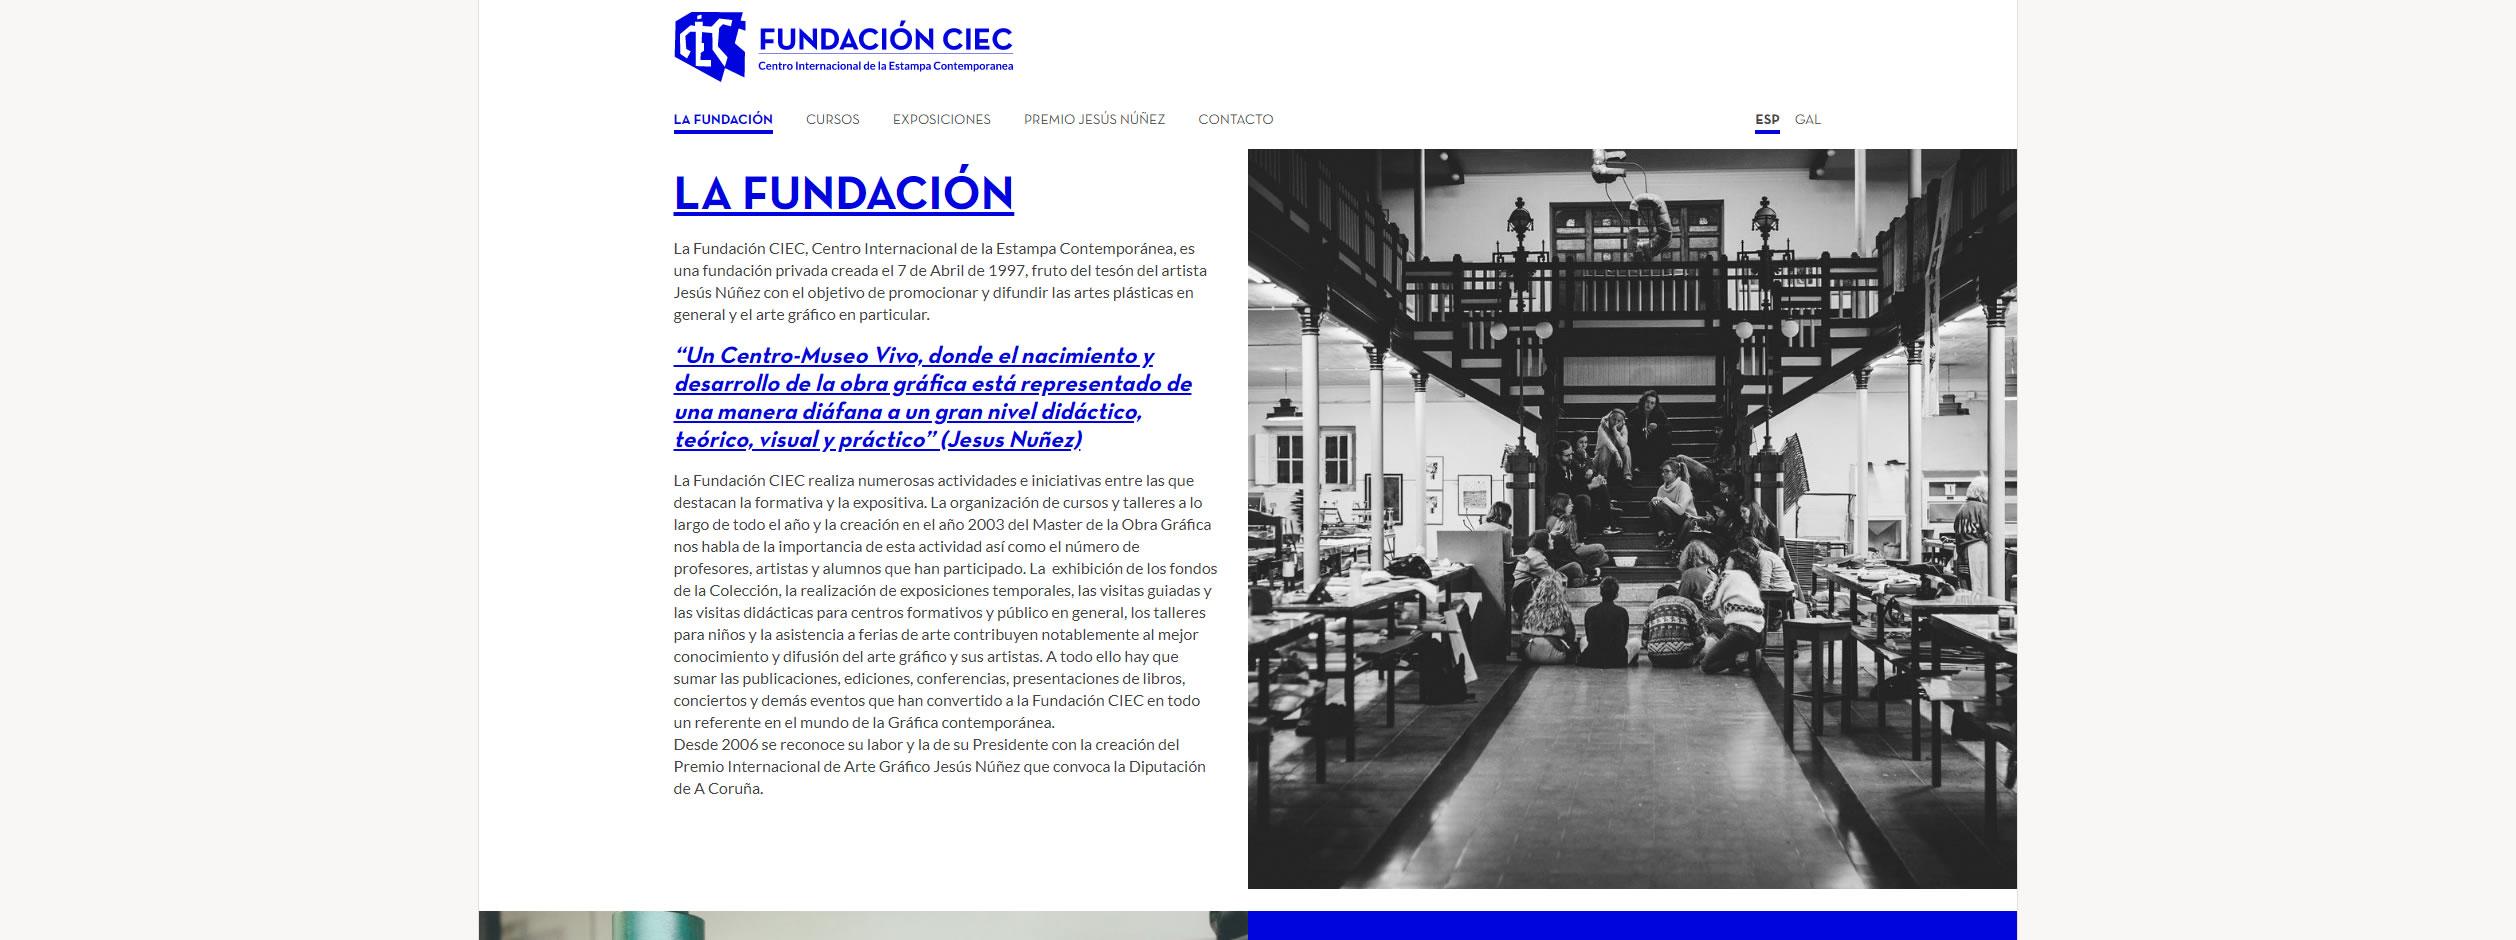 fundacion_ciec_galeria_de_gravura